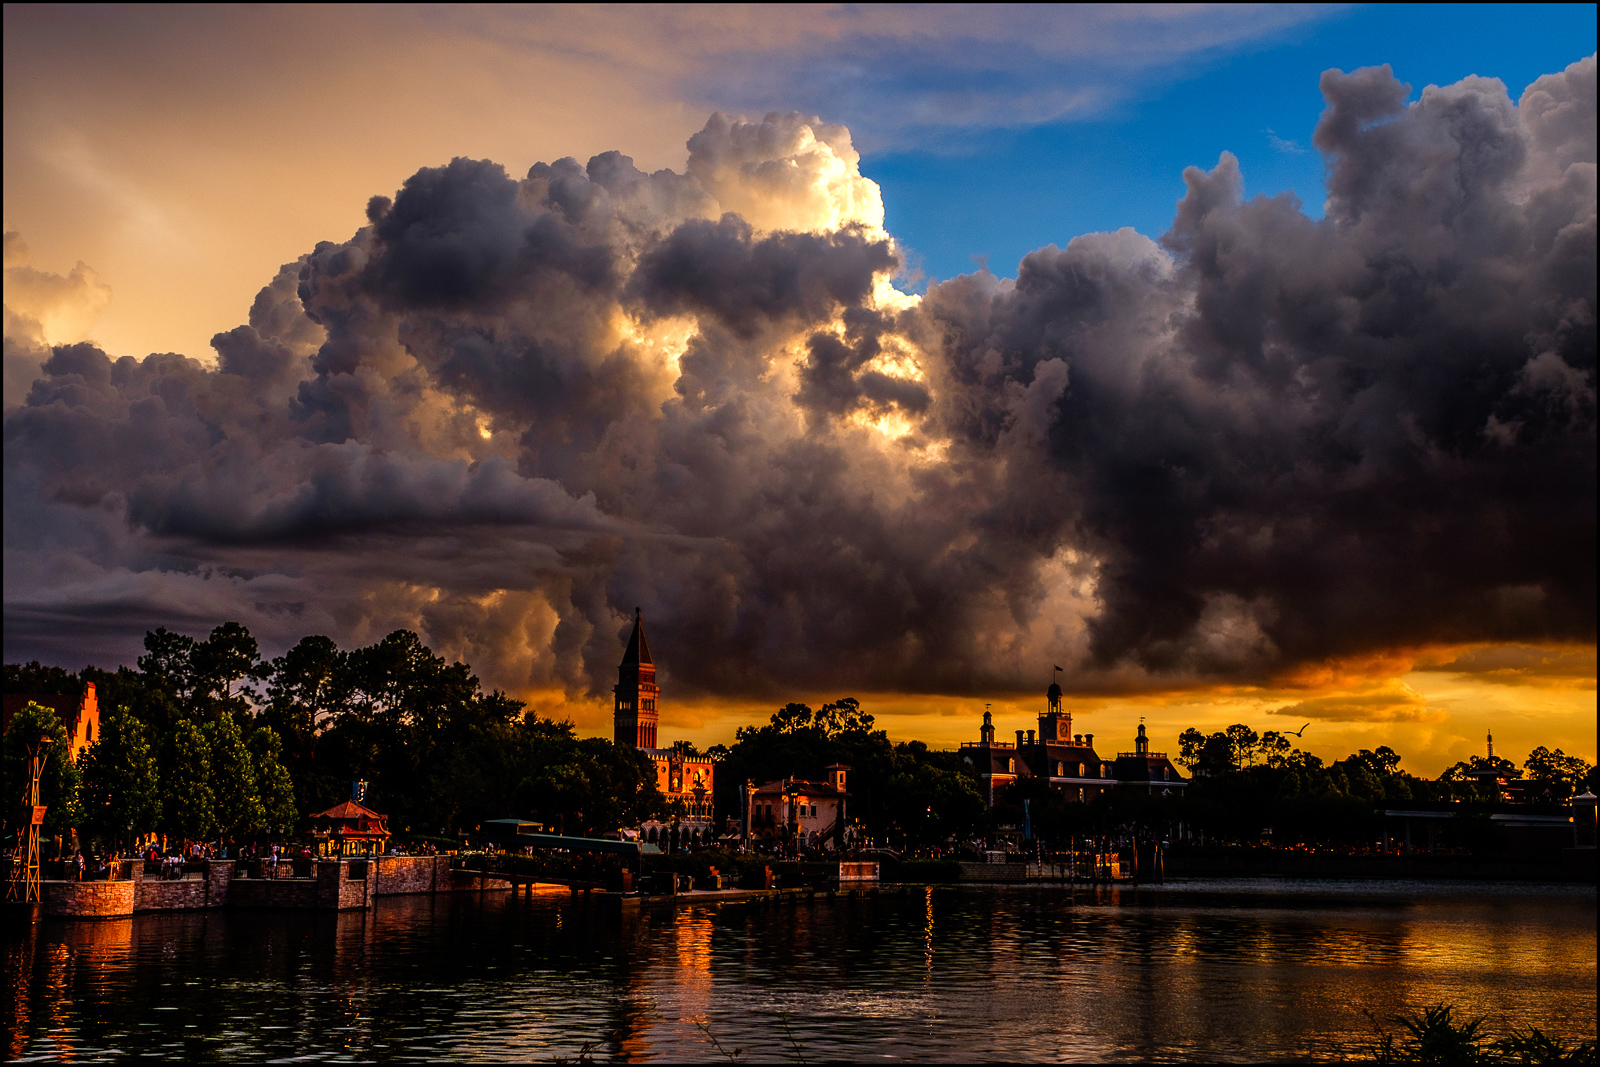 Sunset World Showcase